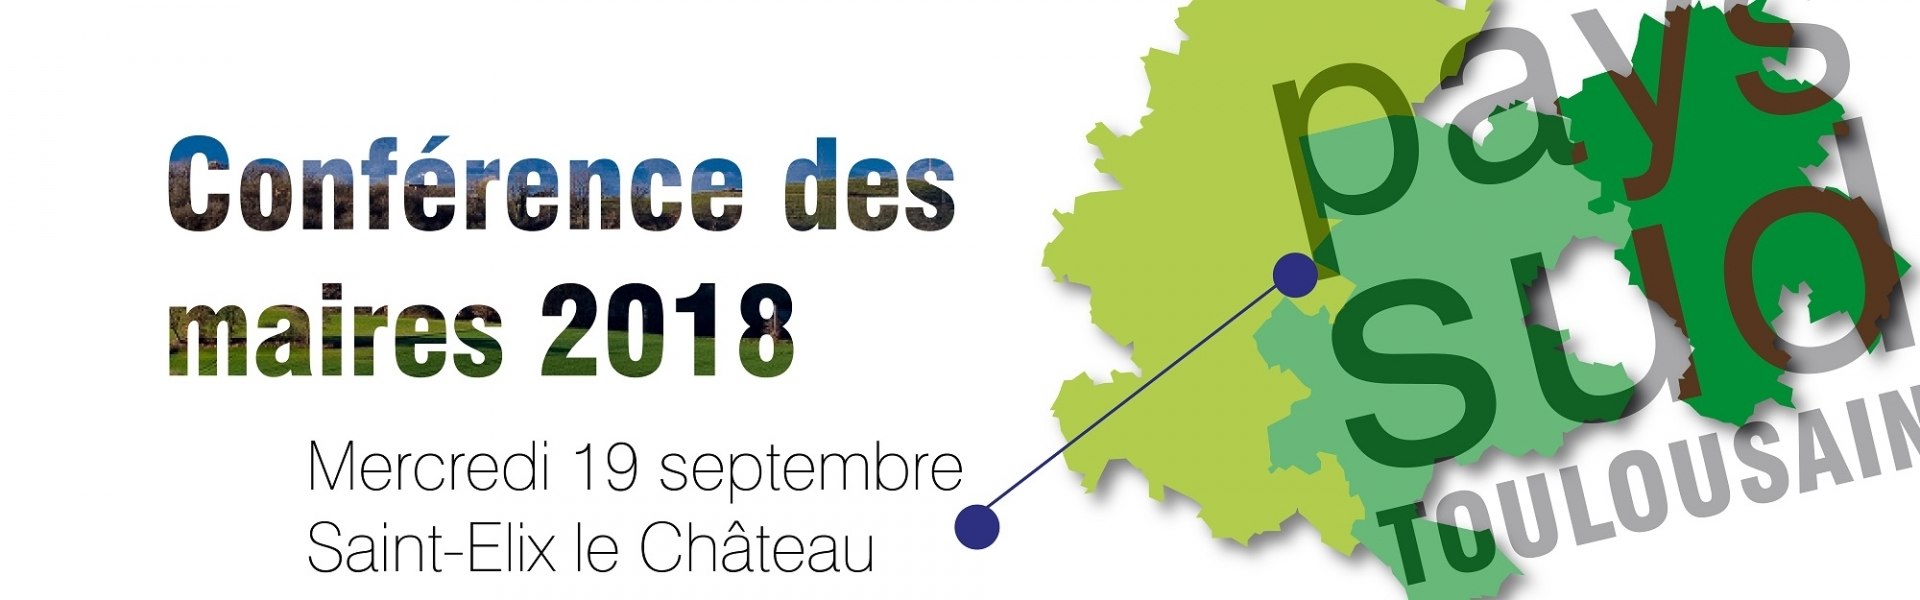 Conférence des Maires 2018 à Saint-Elix le Château